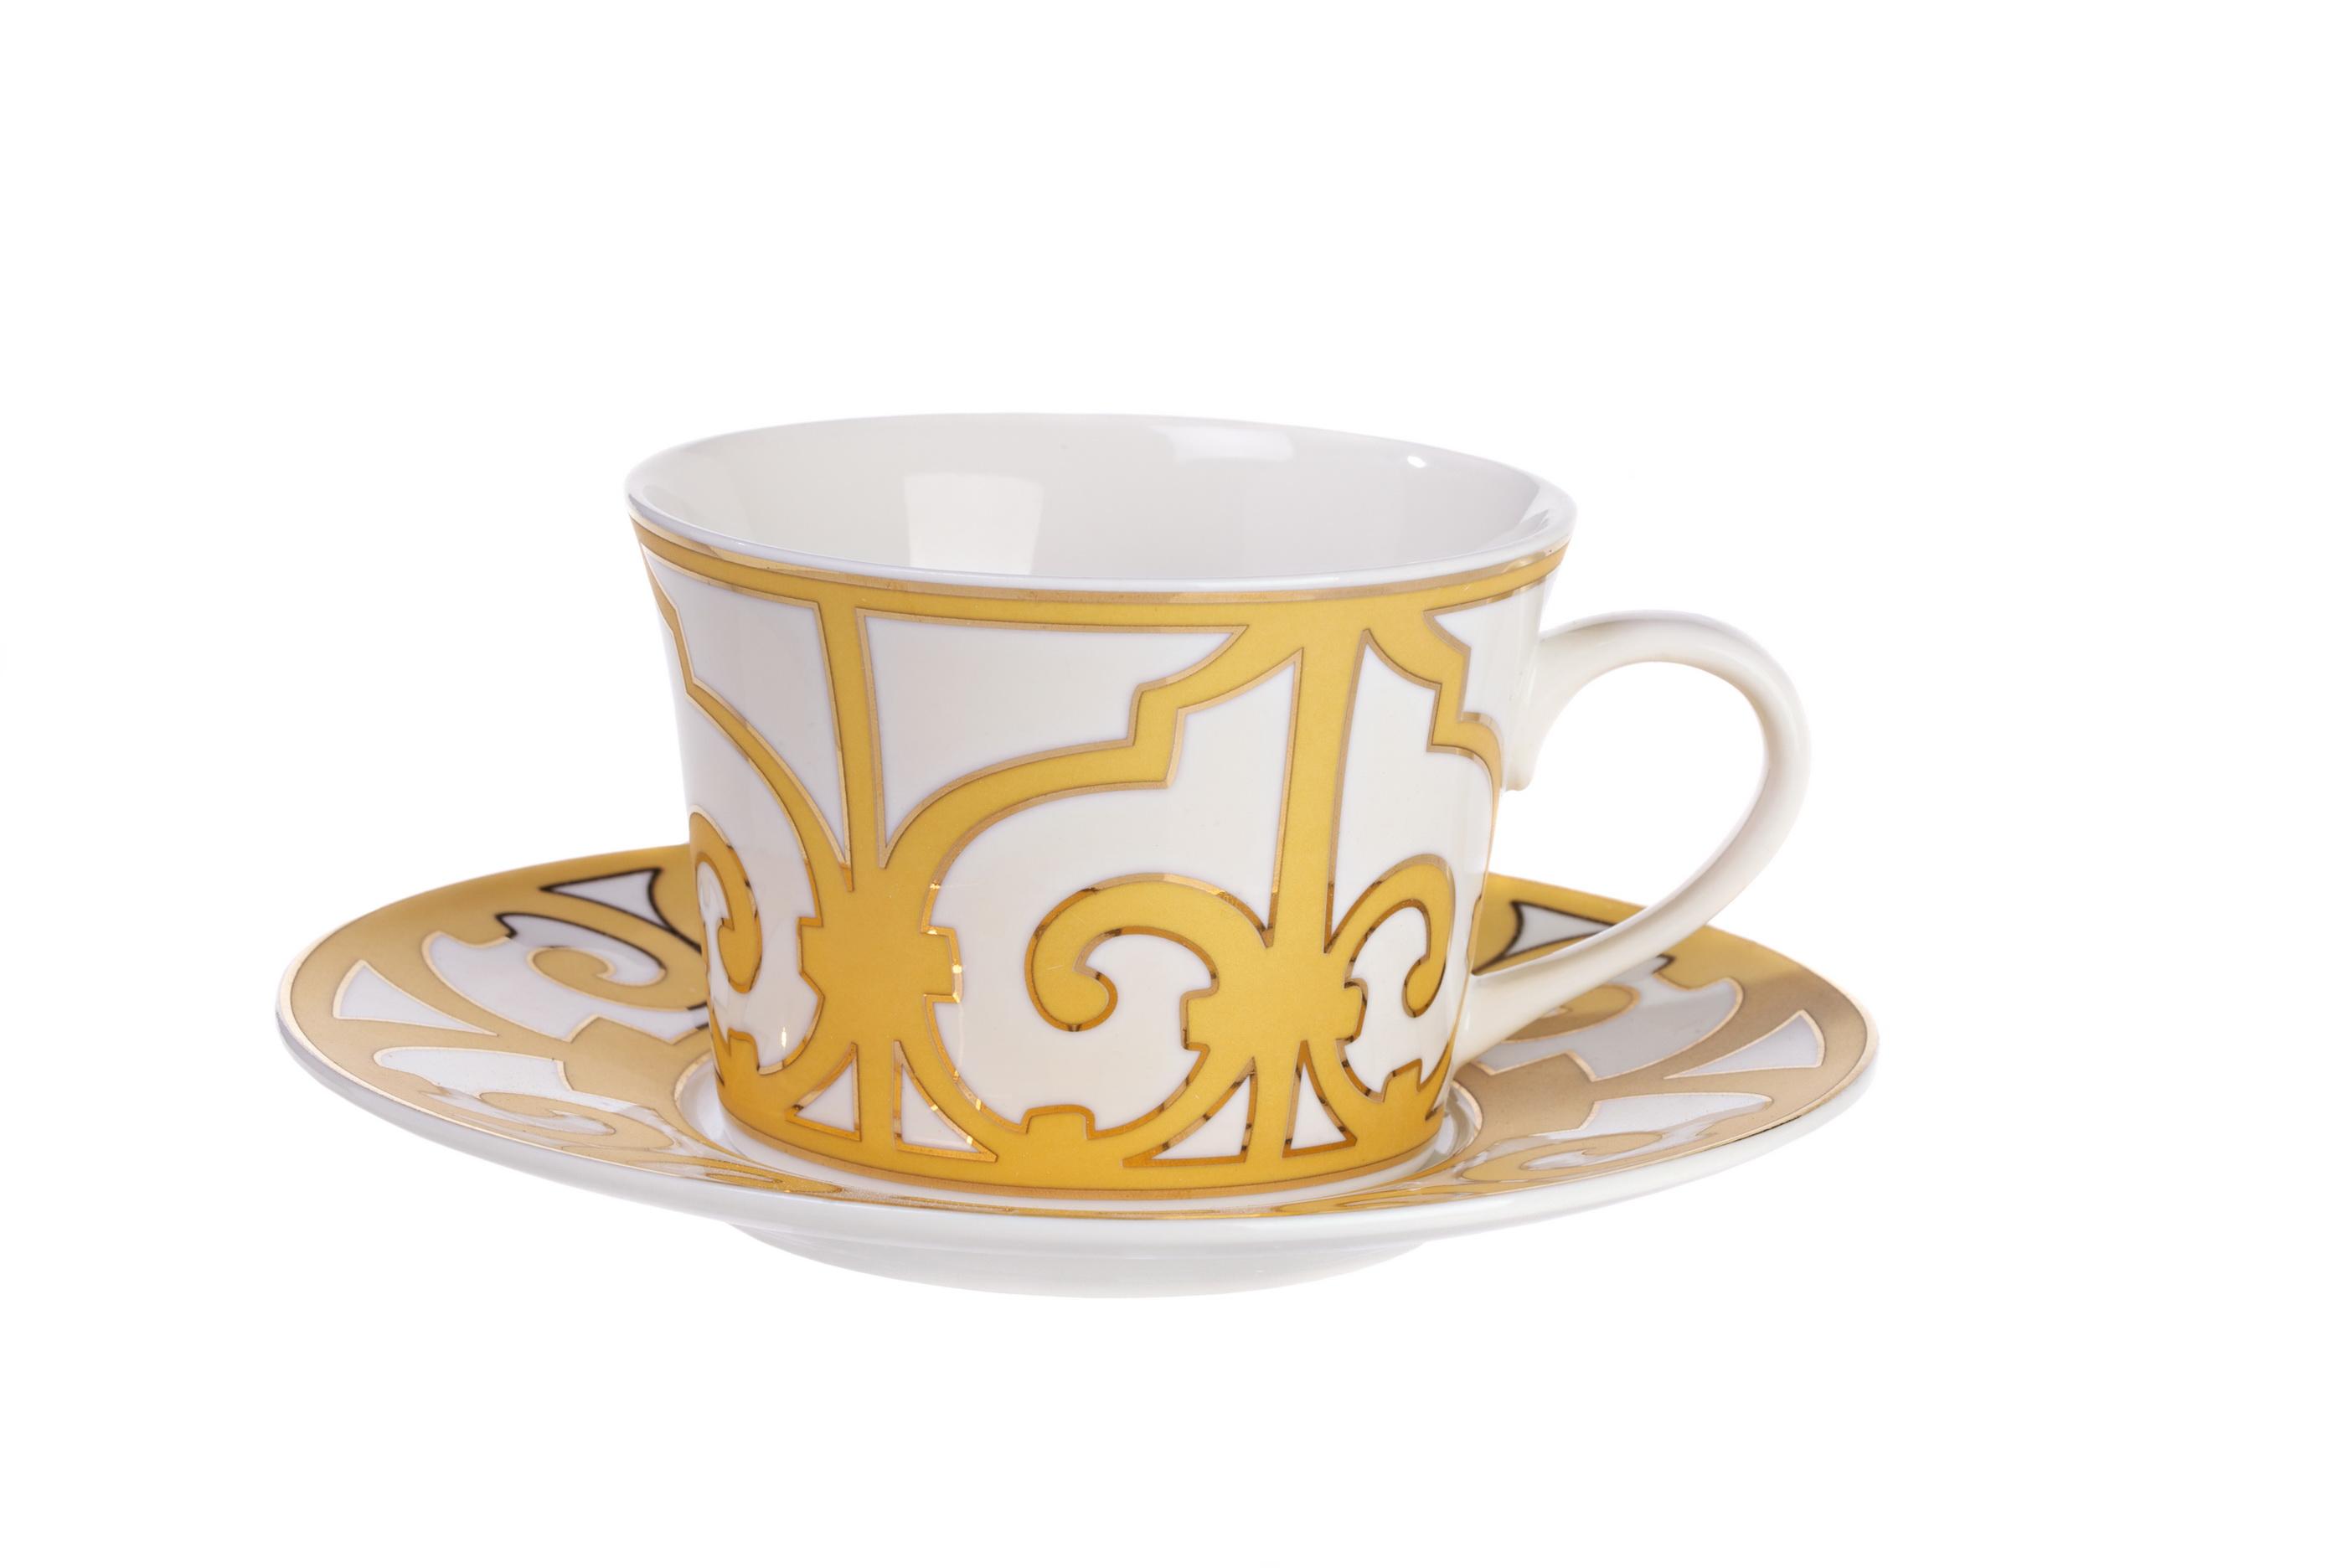 Чайная пара MarbellaЧайные пары, чашки и кружки<br>Удивительно нежная и в то же время эффектная чайная пара «Marbella» станет великолепным подарком ценителям изящных вещей. Выполненные из тончайшего костяного фарфора и декорированные золотистым орнаментом в стиле модерн, чашка и блюдце создадут особое настроение и подчеркнут изысканный вкус напитка. <br>Вы можете приобрести чайную пару отдельно, а также в комплекте с другими предметами коллекции «Marbella».<br><br>Material: Фарфор<br>Depth см: None<br>Height см: 6<br>Diameter см: 9